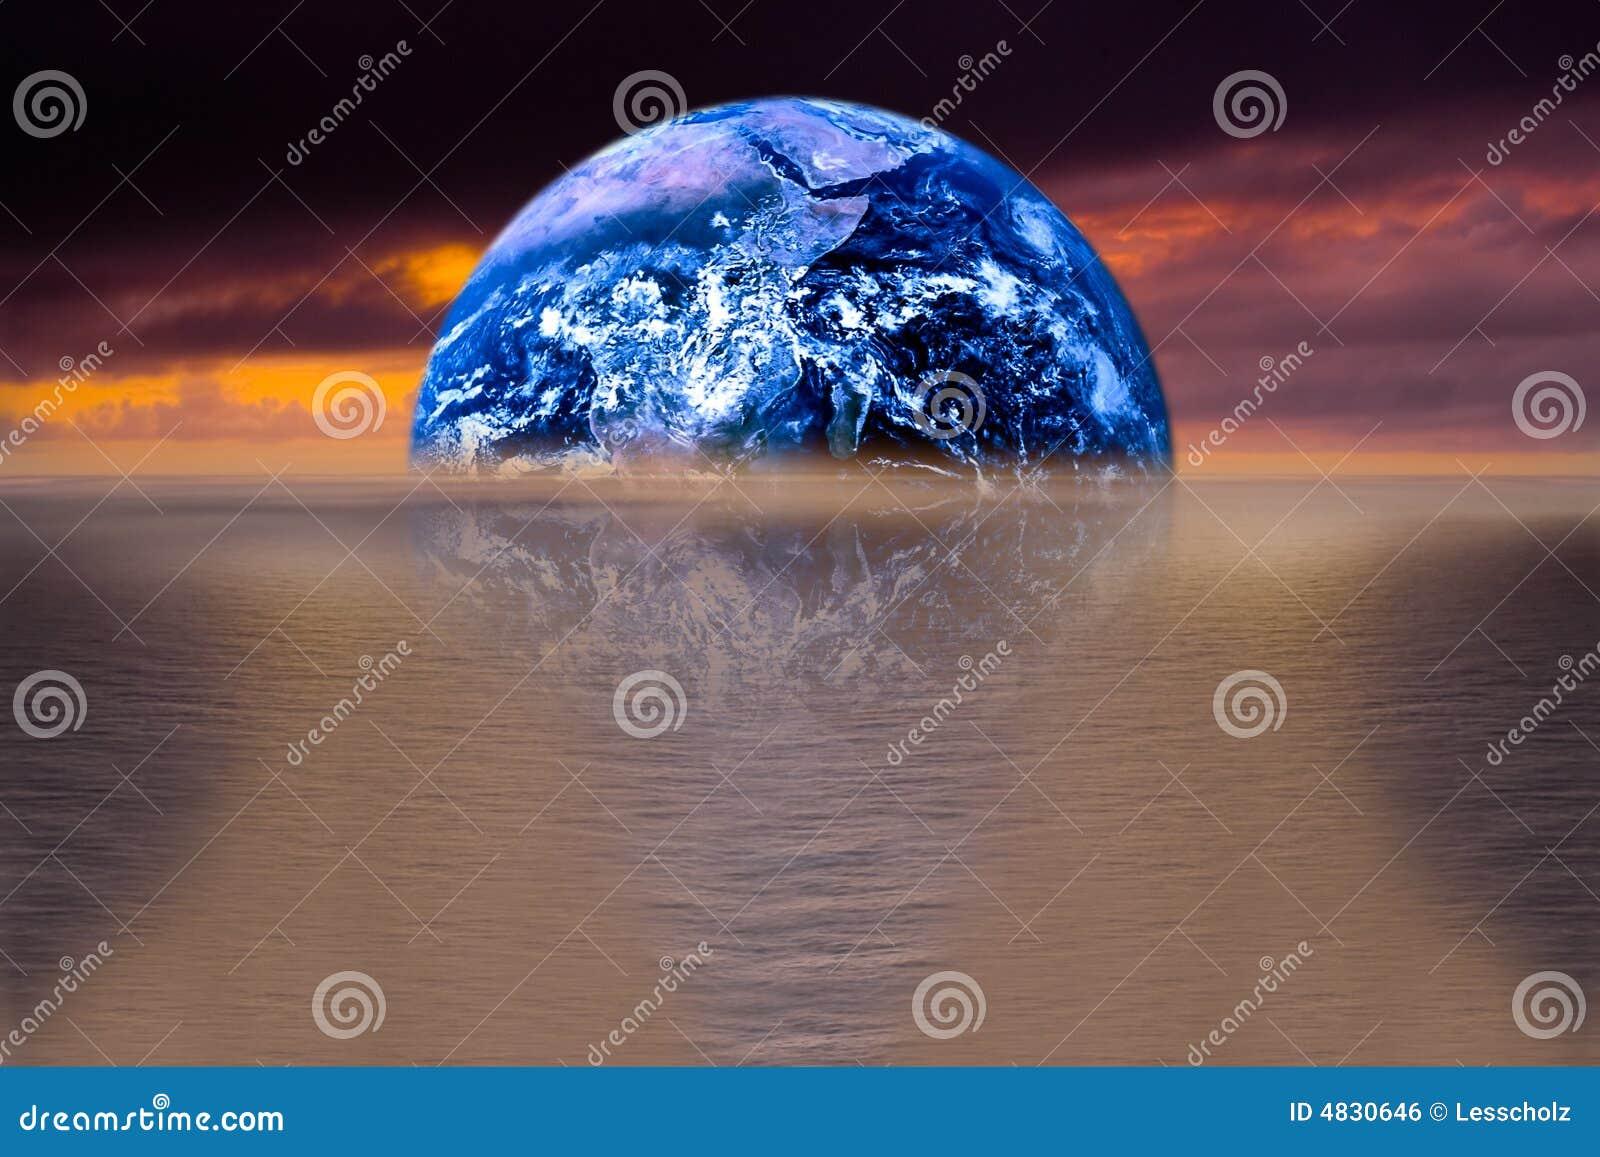 Som hav för bakgrundsjordbild